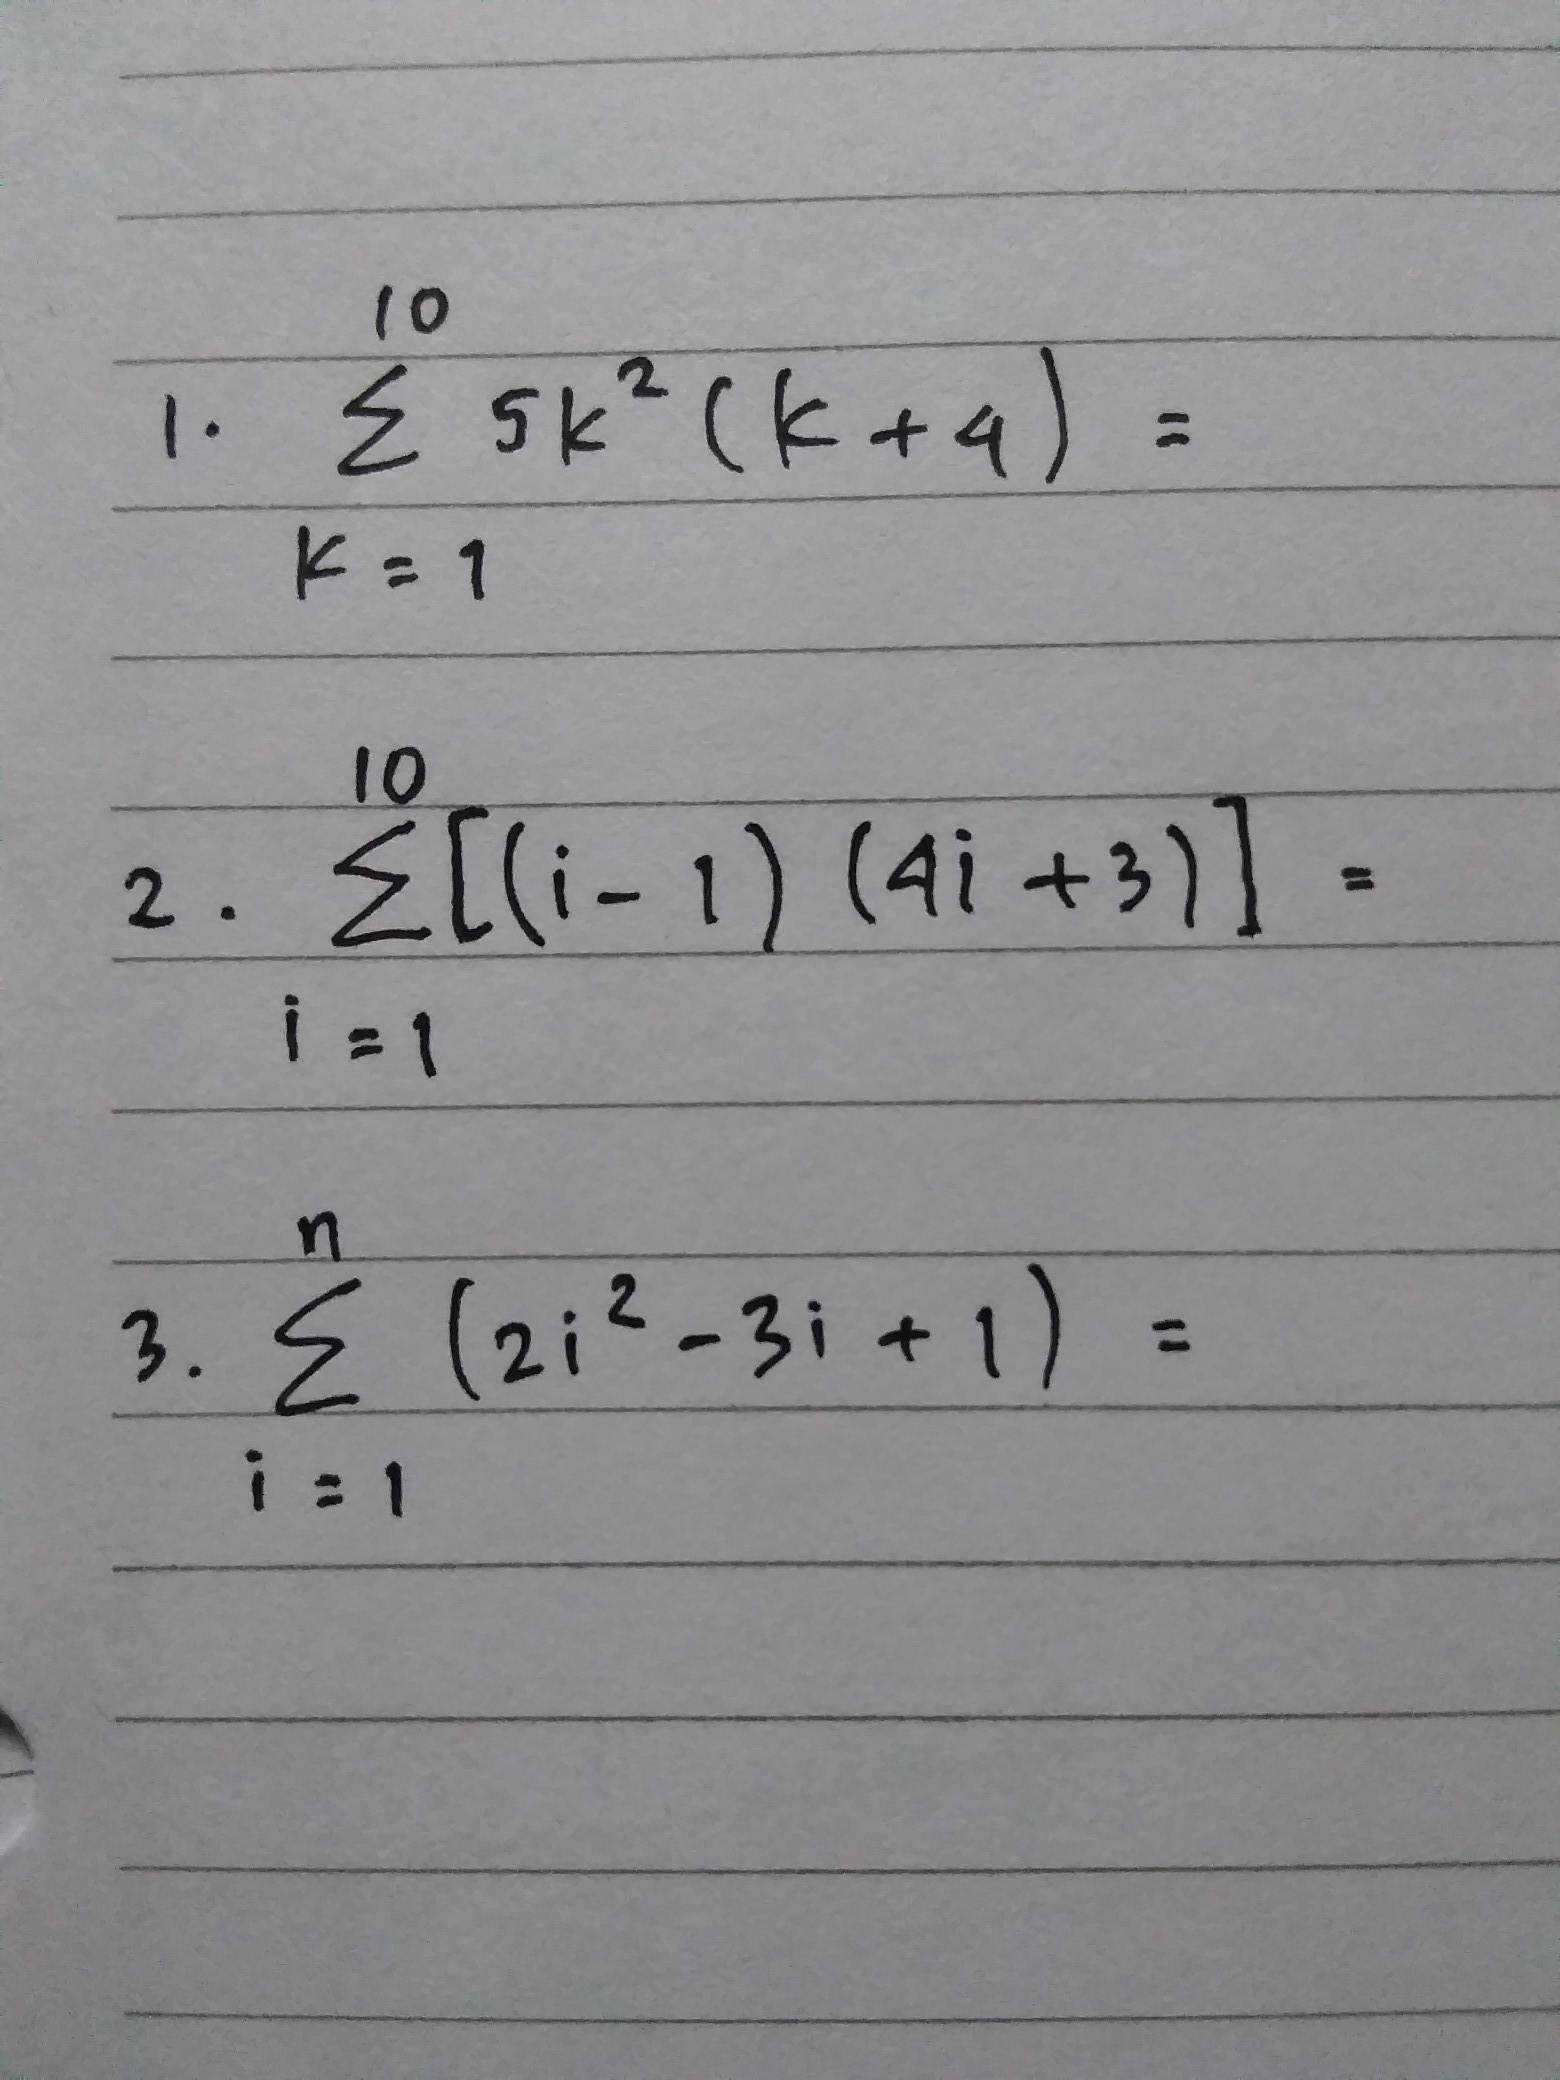 Kalkulus integral, seringkali kita mengenalnya sebagai suatu cabang kalkulus yang berkaitan dengan teori dan aplikasi integral. Kalkulus Integral Notasi Sigma Matematika Brainly Co Id